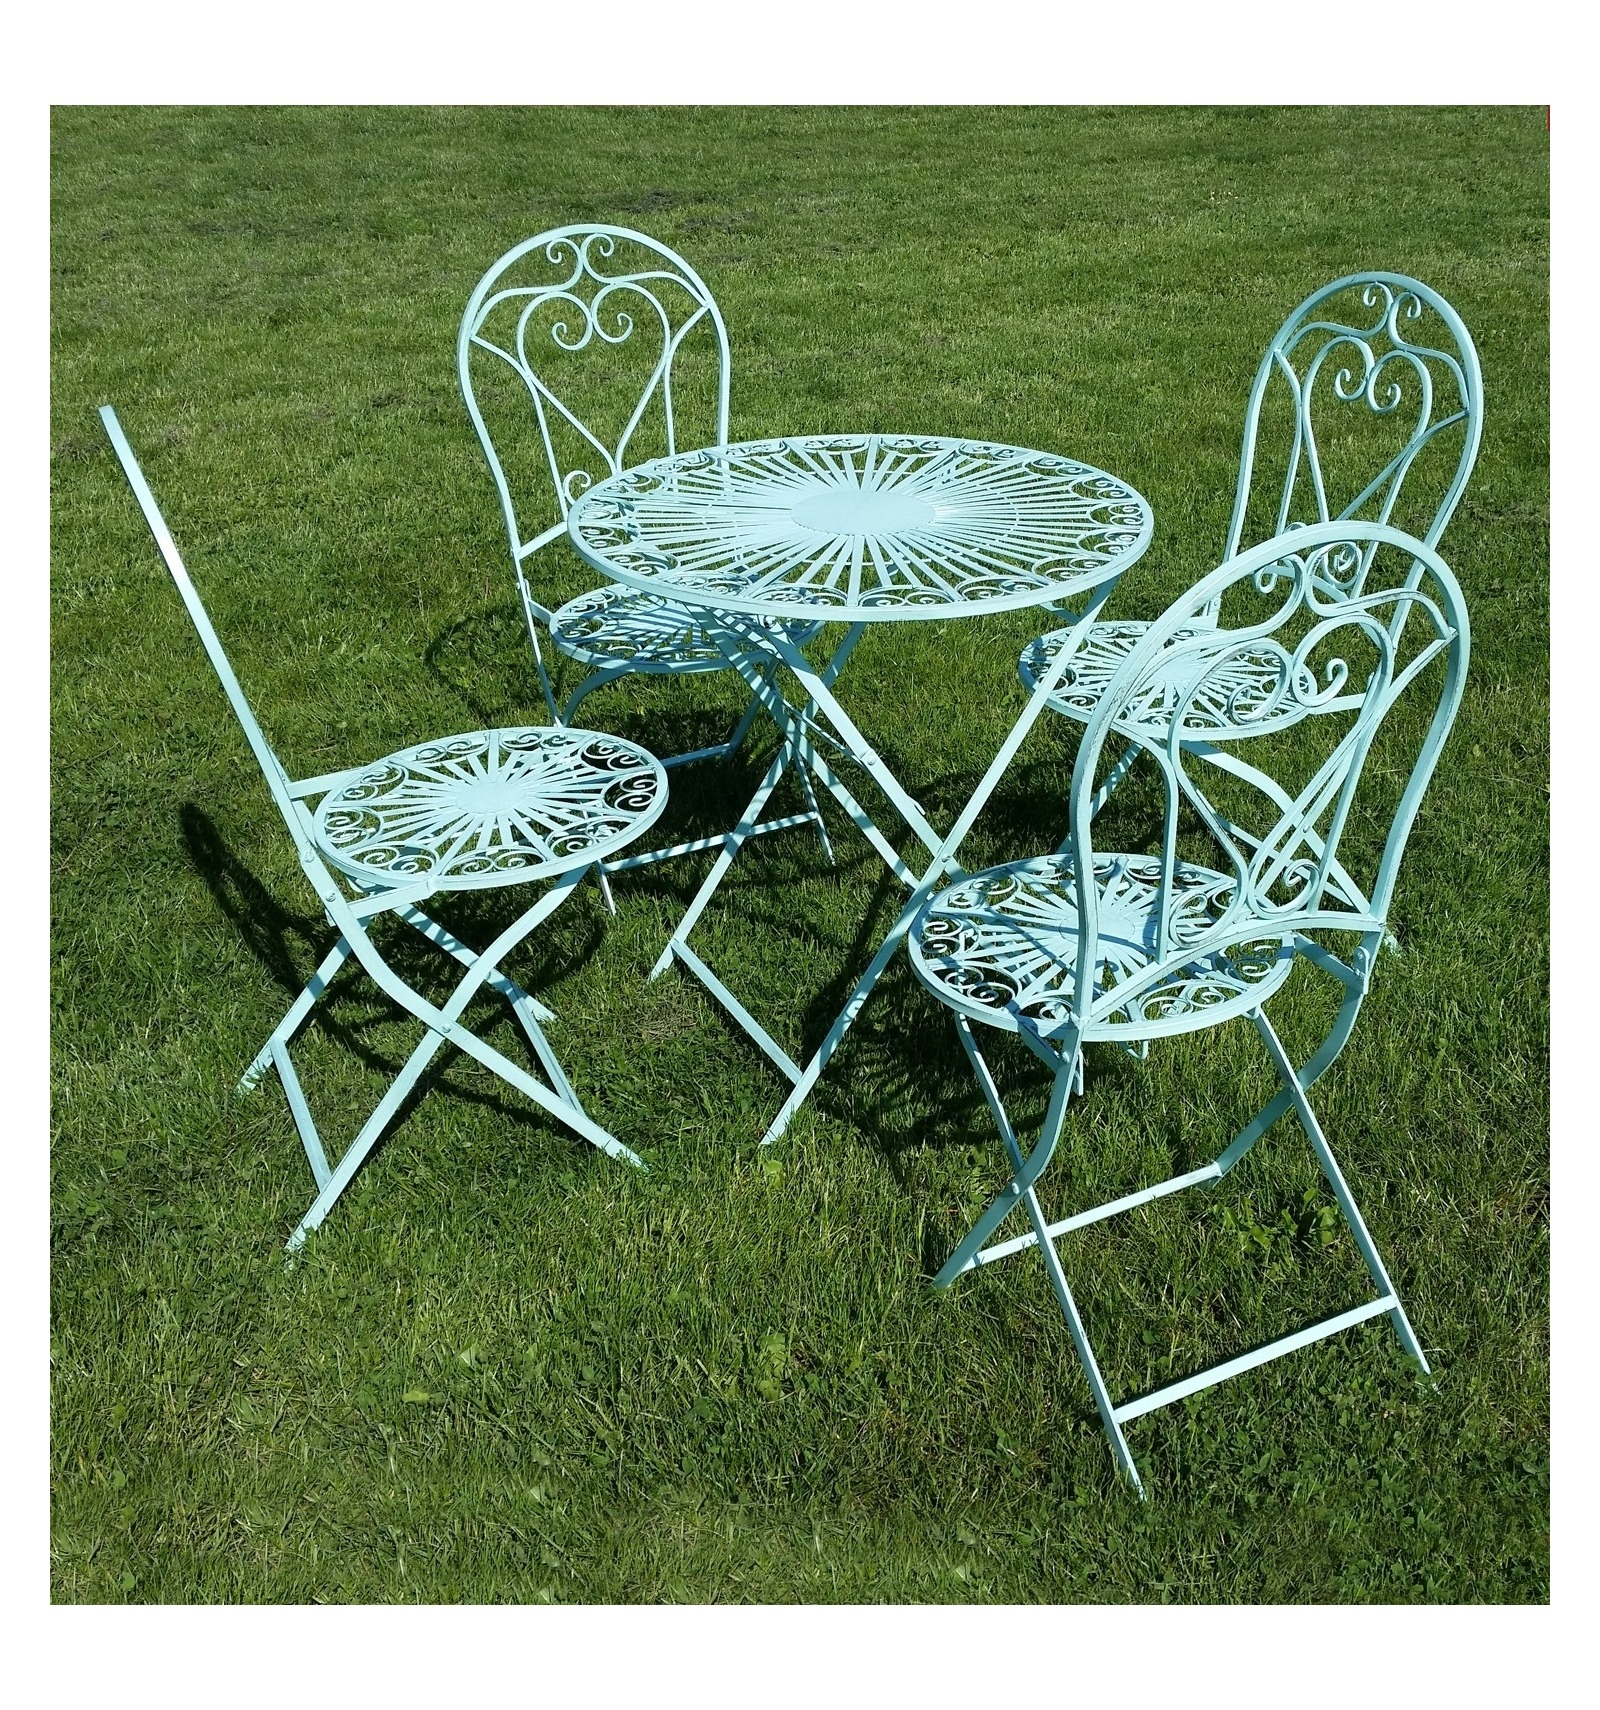 Garten schmiedeeisen stuhl und tisch - Gartenmobel schmiedeeisen ...